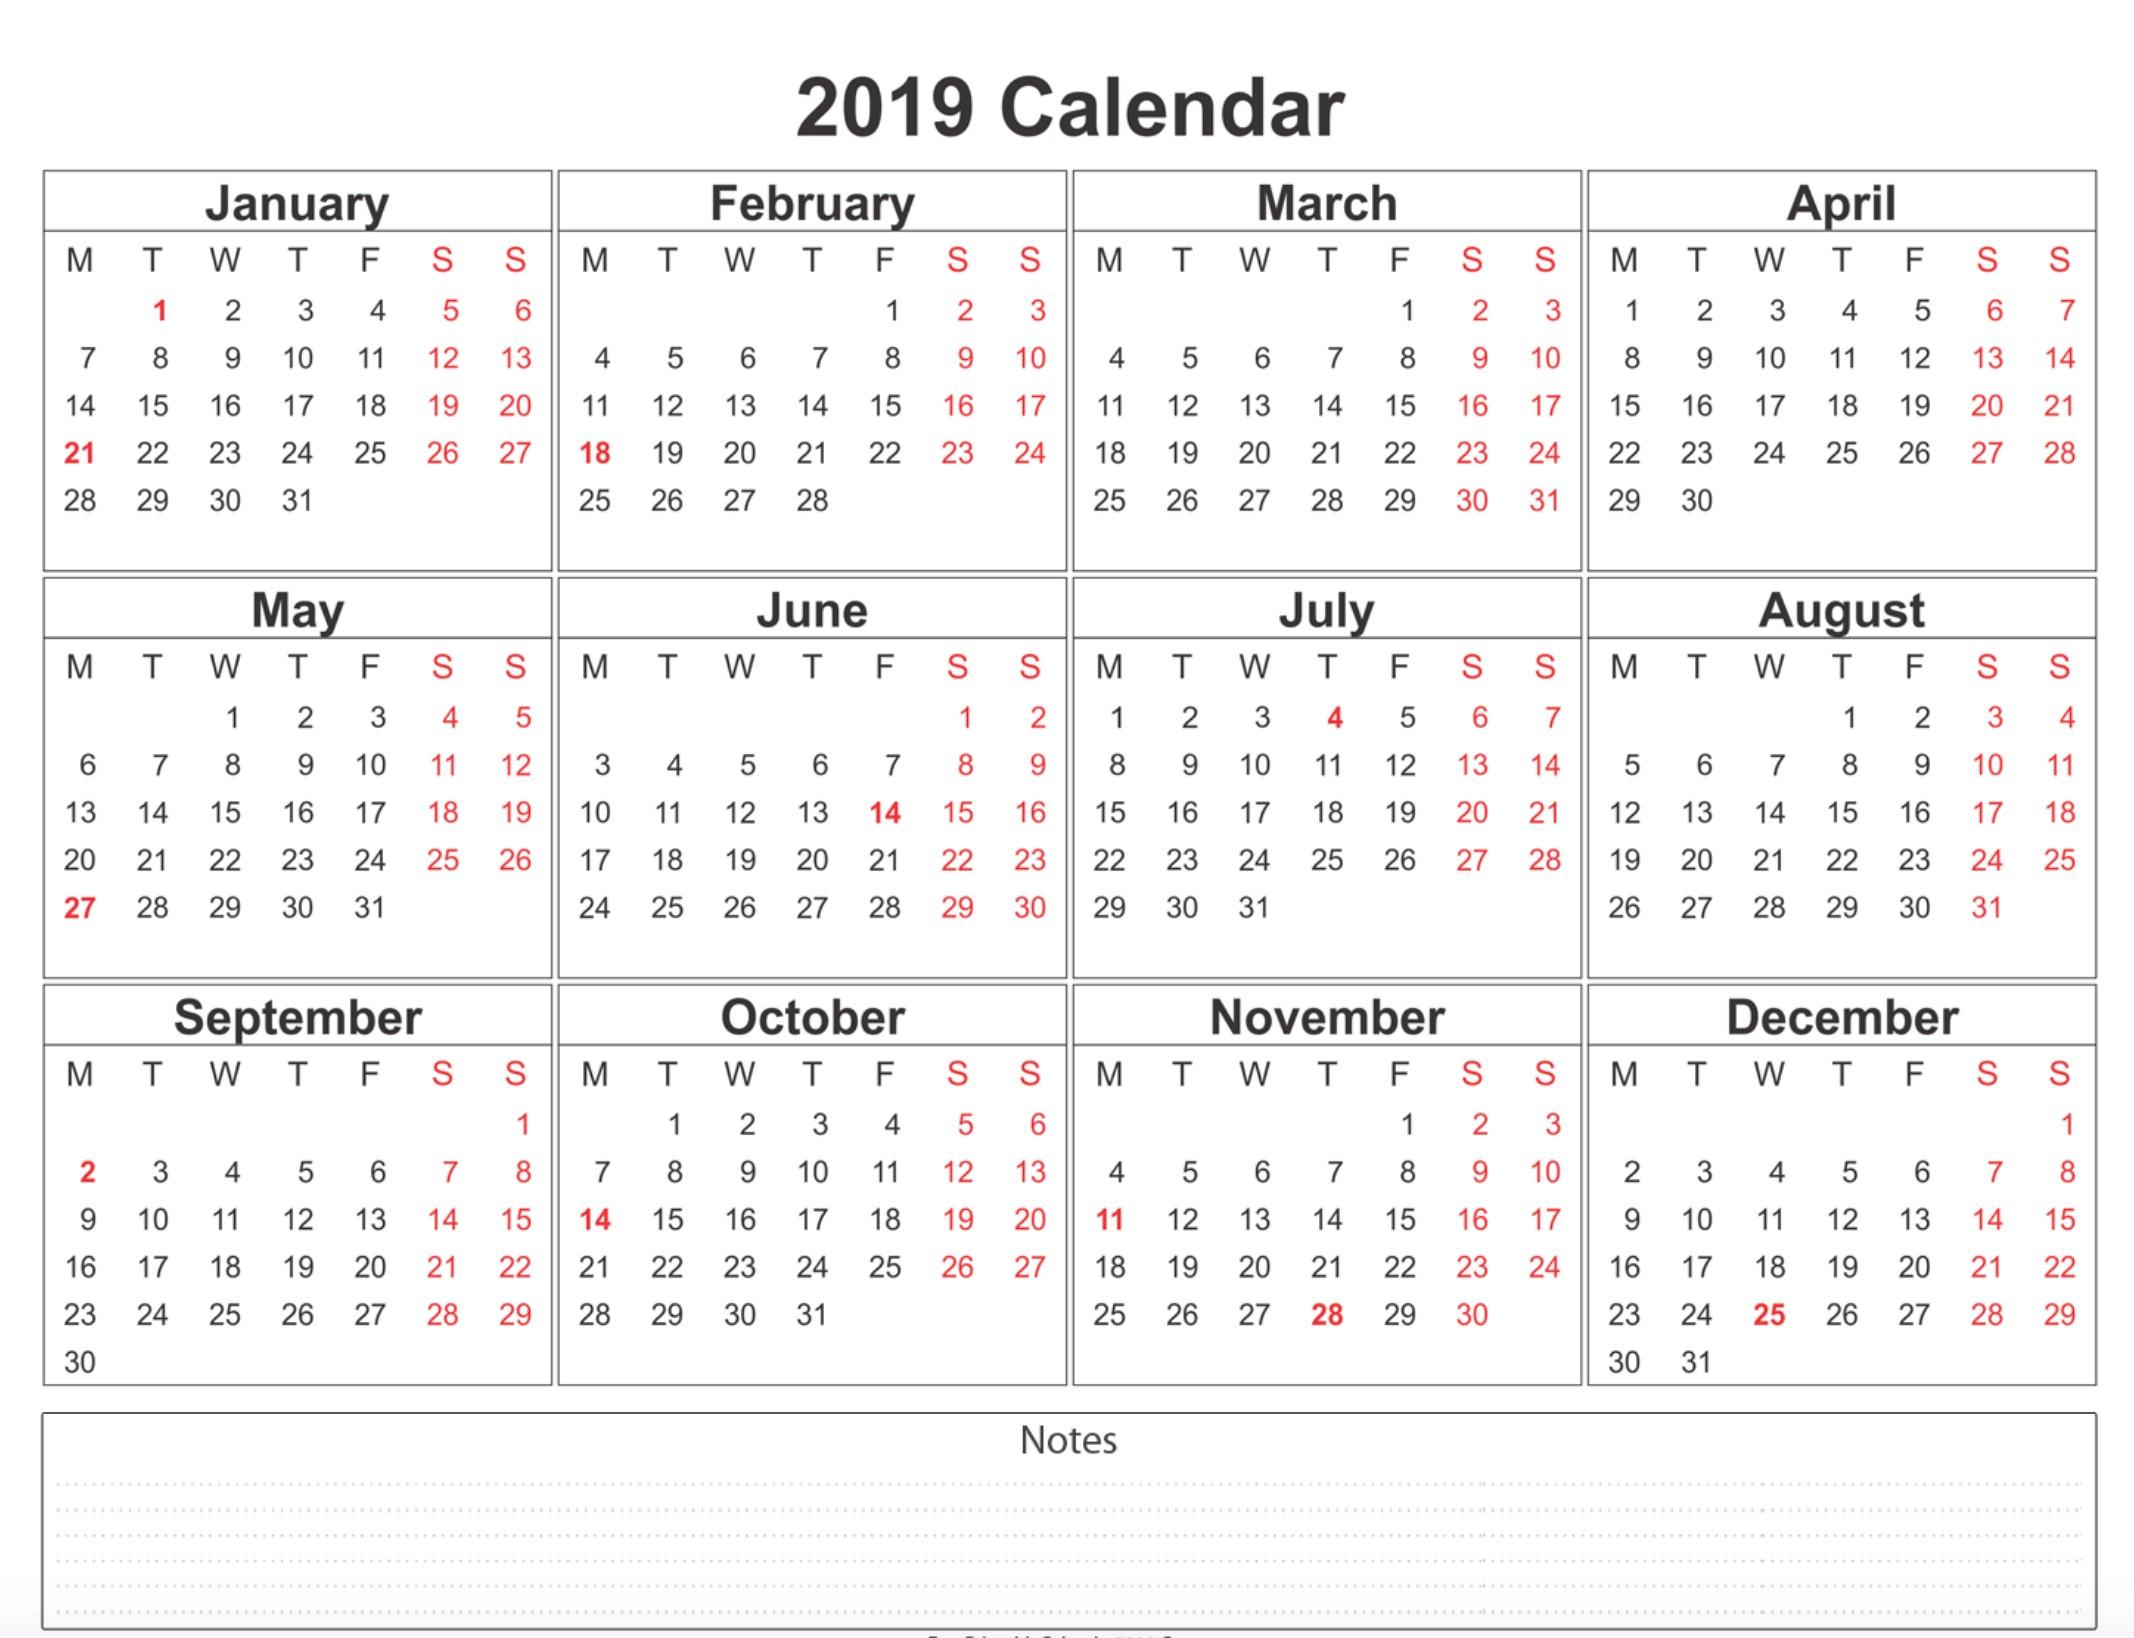 Free Printable Calendars Com 2019 2019 Calendar Amazonaws